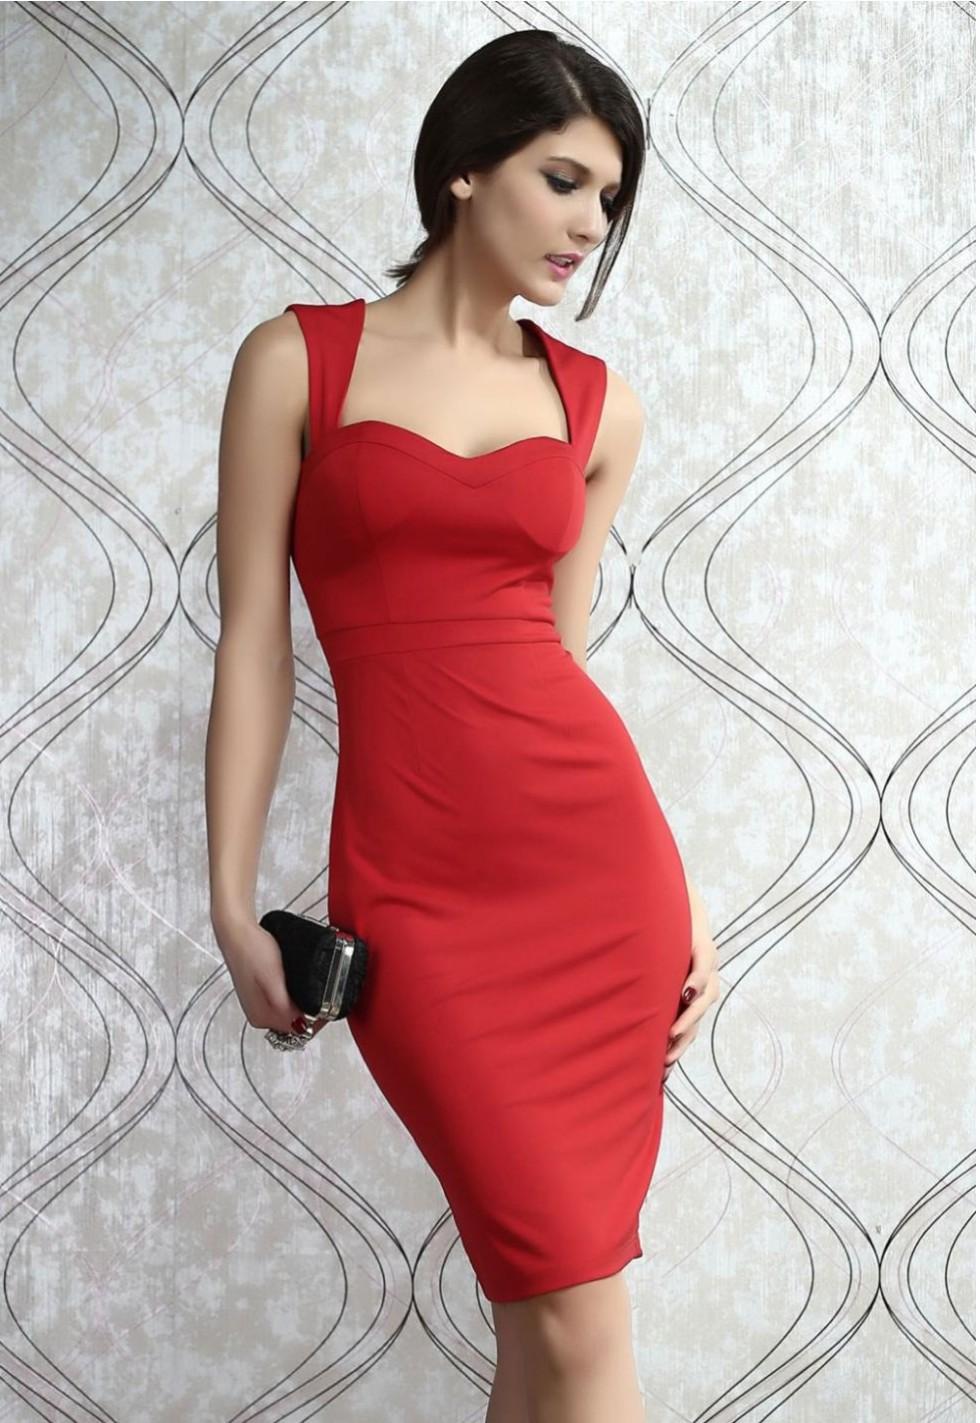 Robe-estampado-rouge-rembourré-découpez-retour-Midi-robe-élégante-robe-cher-amant-mode-vêtements-pour-femmes